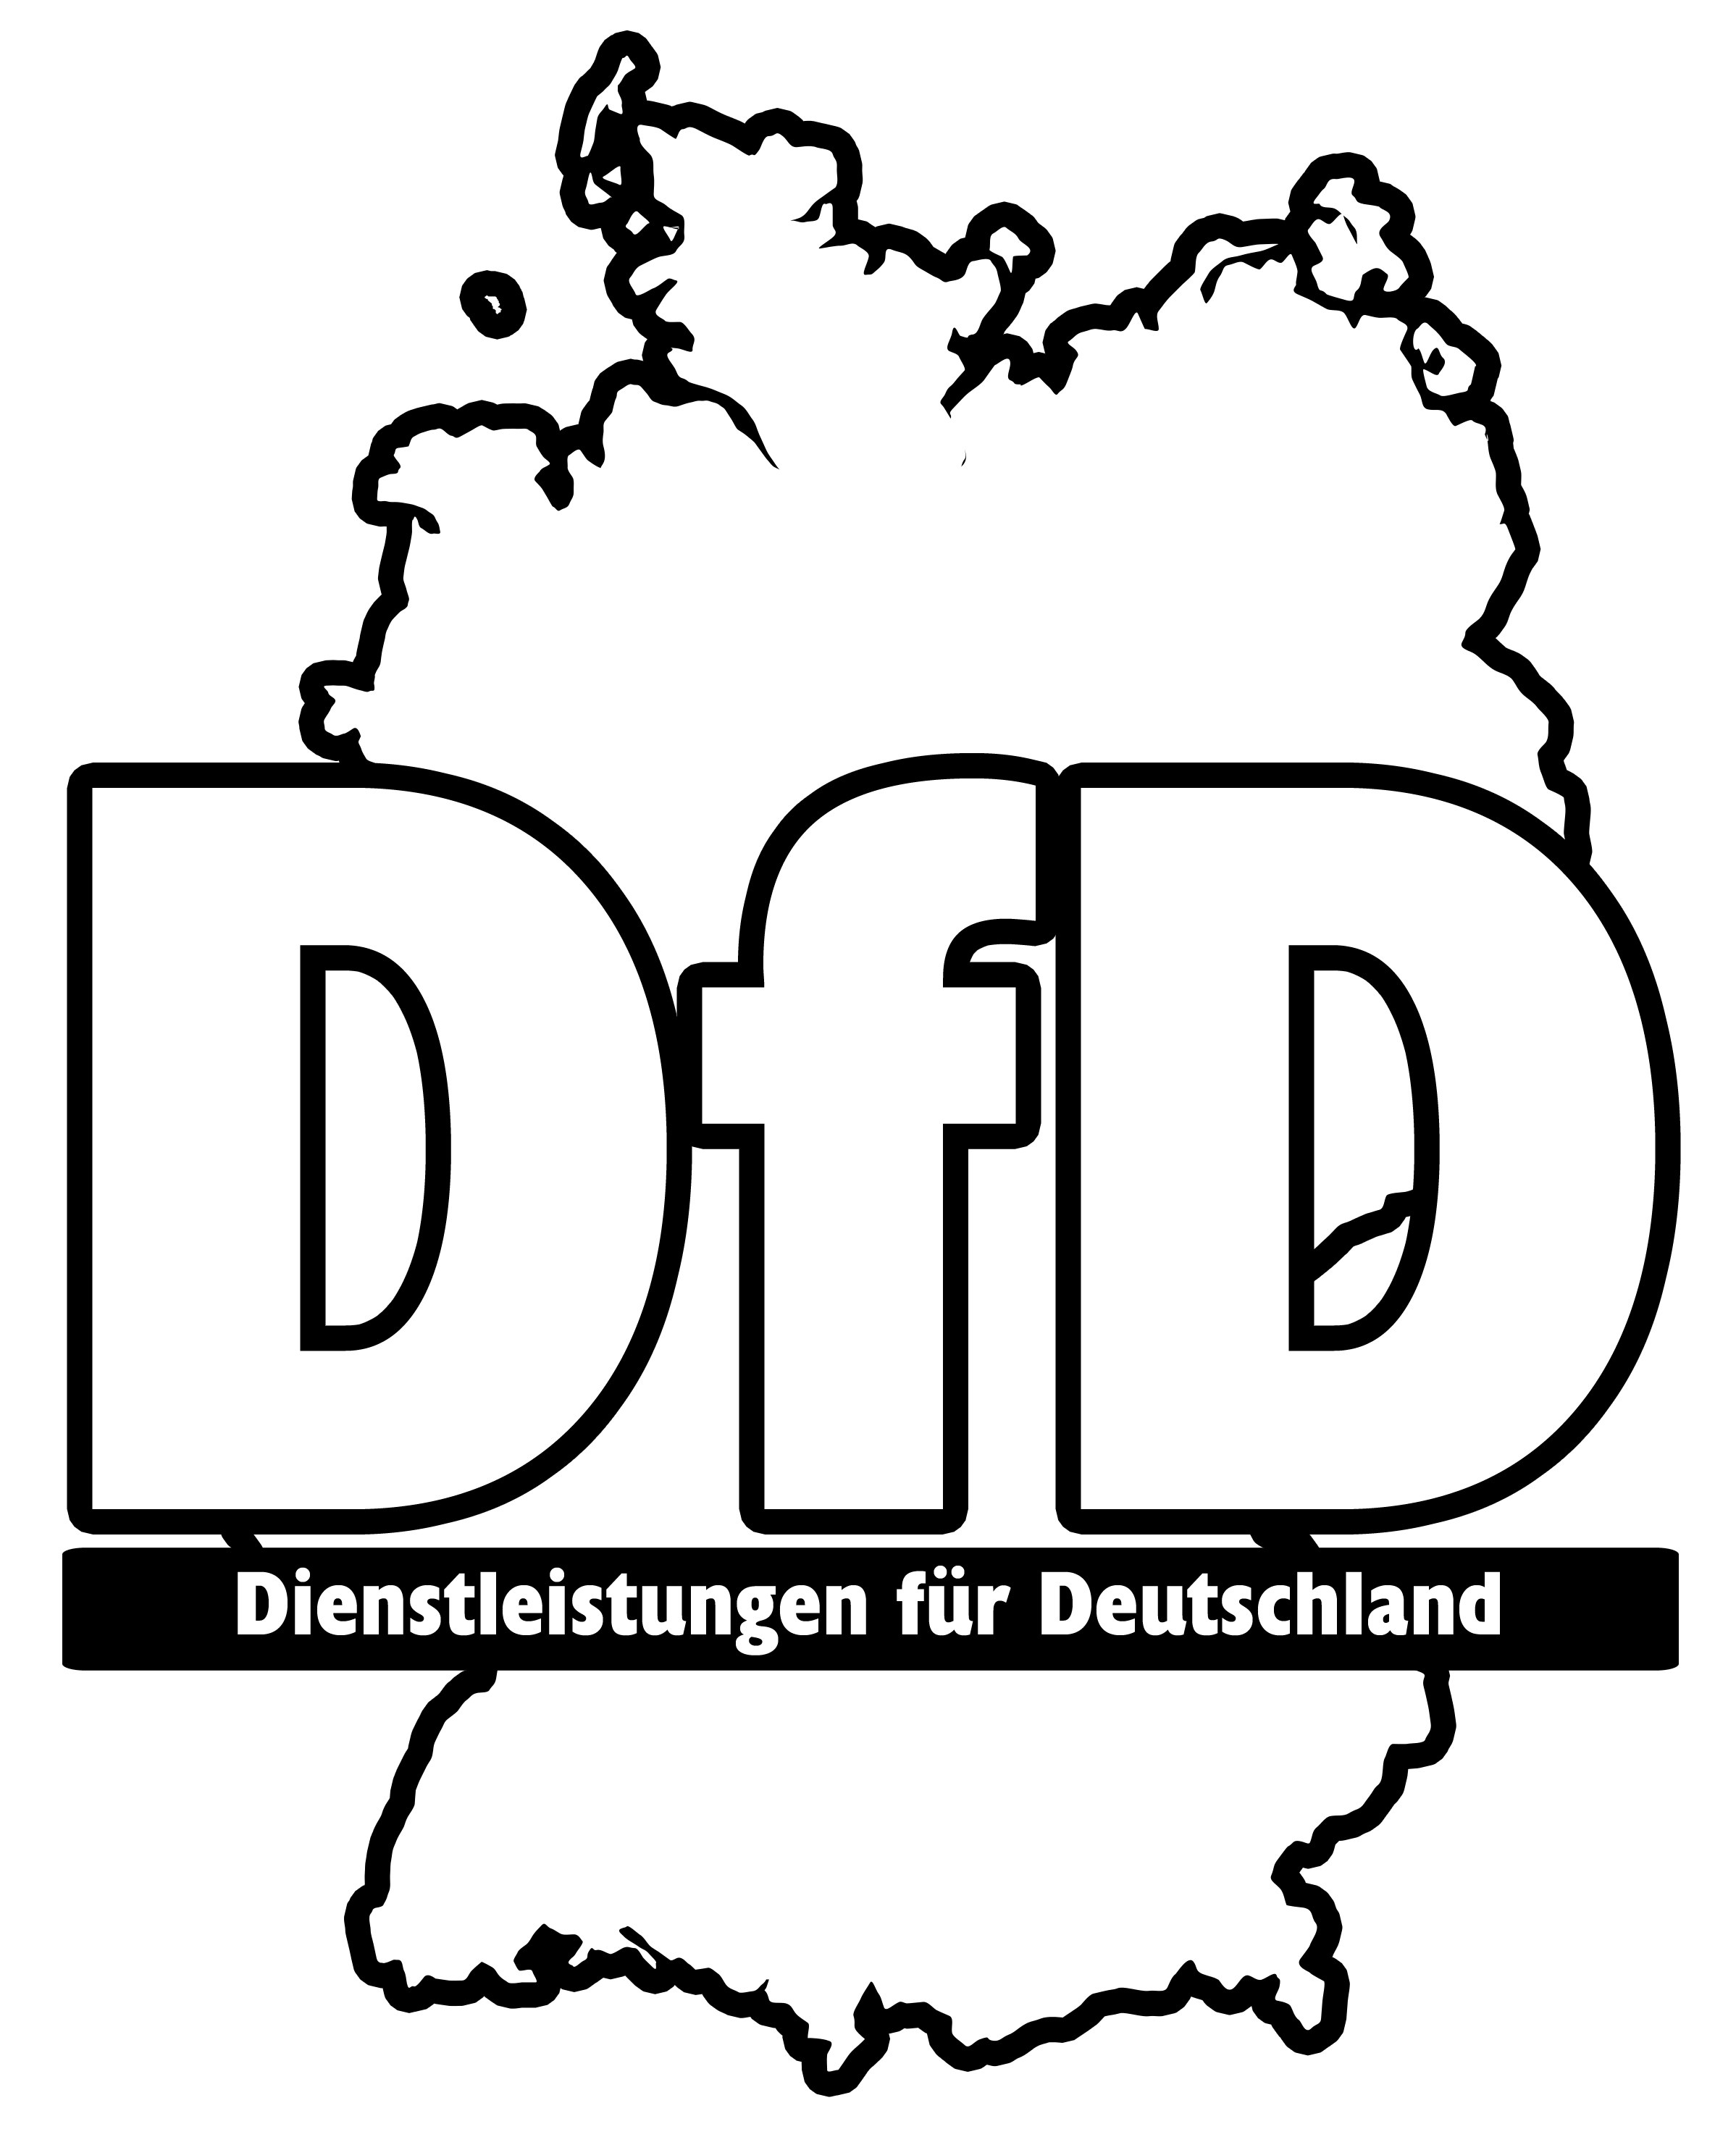 Logo Dienstleistungen für Deutschland